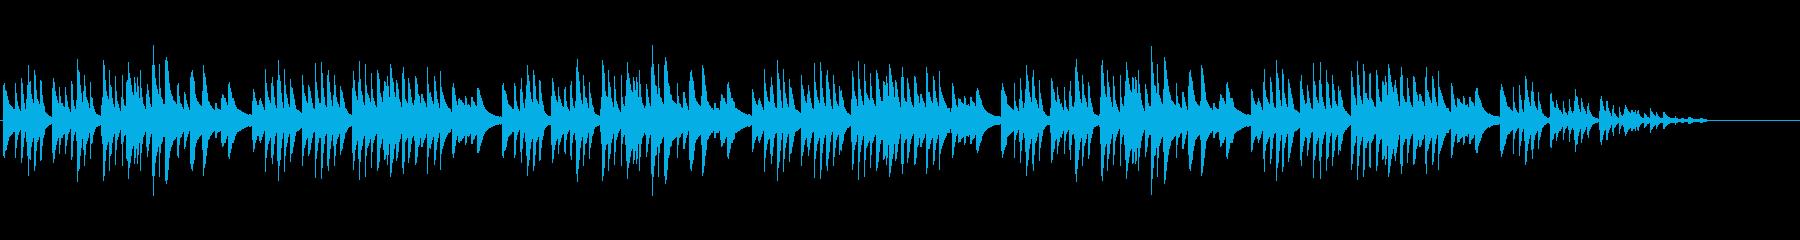 童謡「うさぎ」シンプルなピアノソロの再生済みの波形